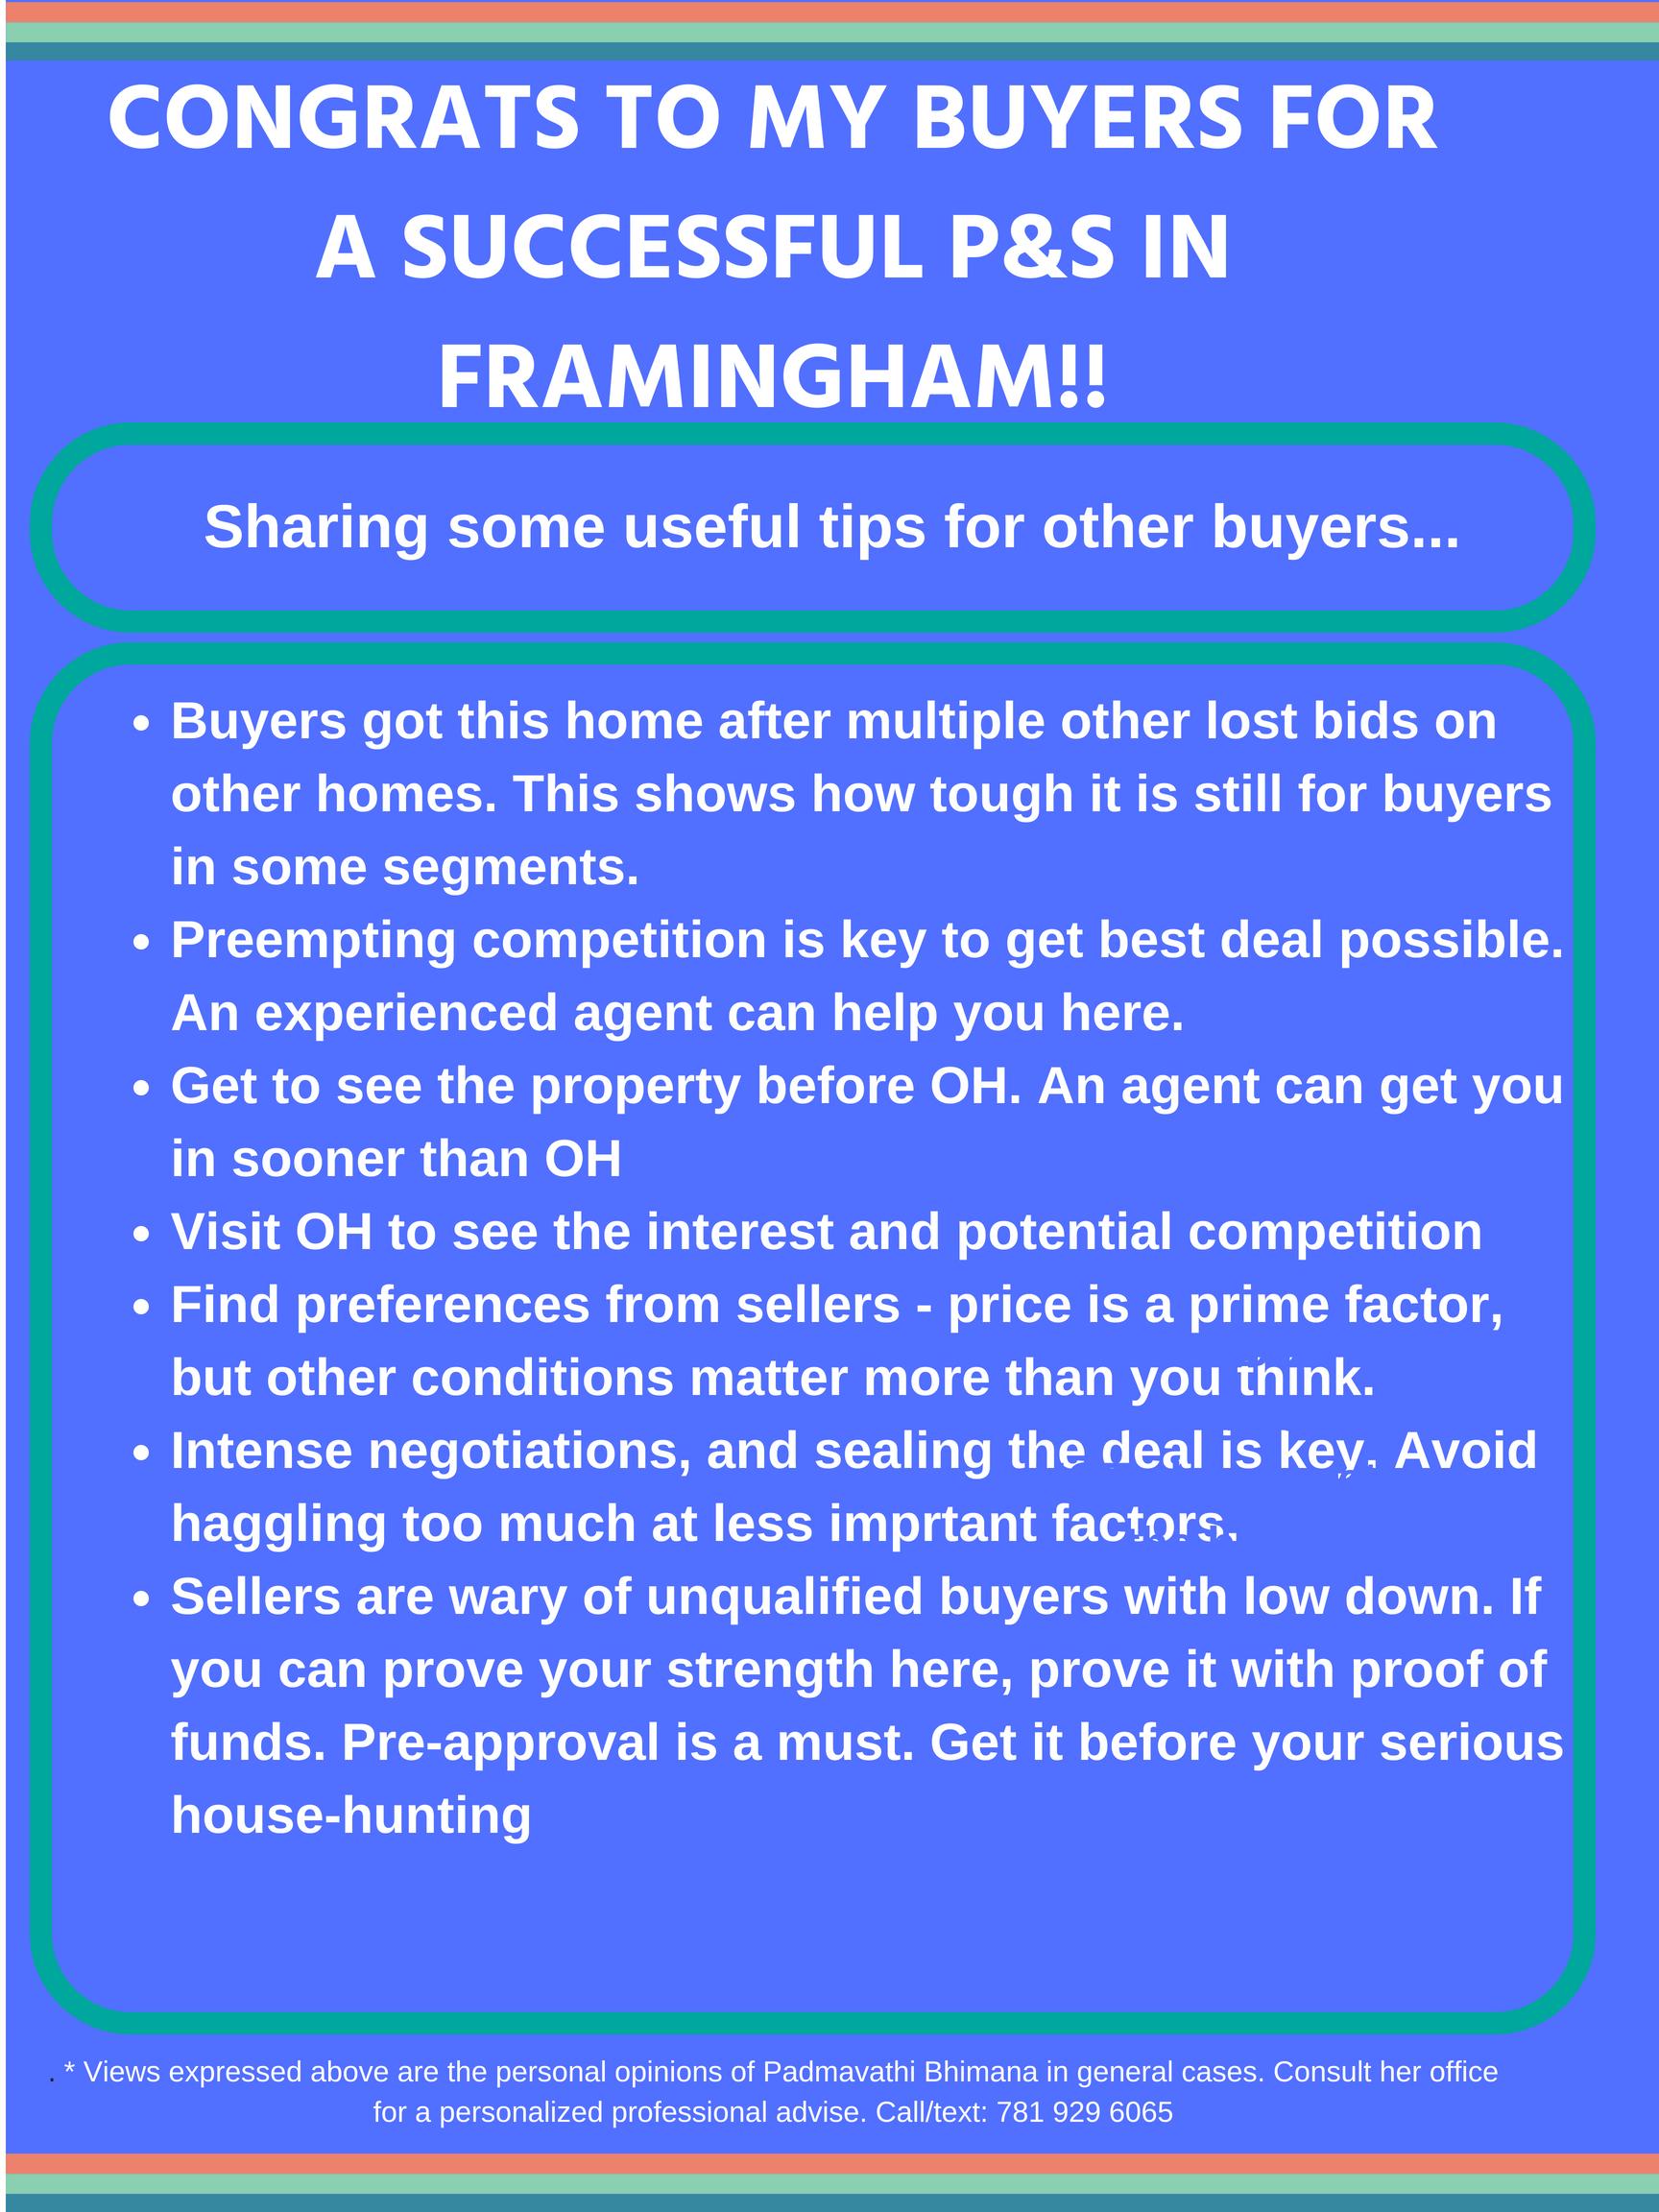 FraminghamSaleLessons